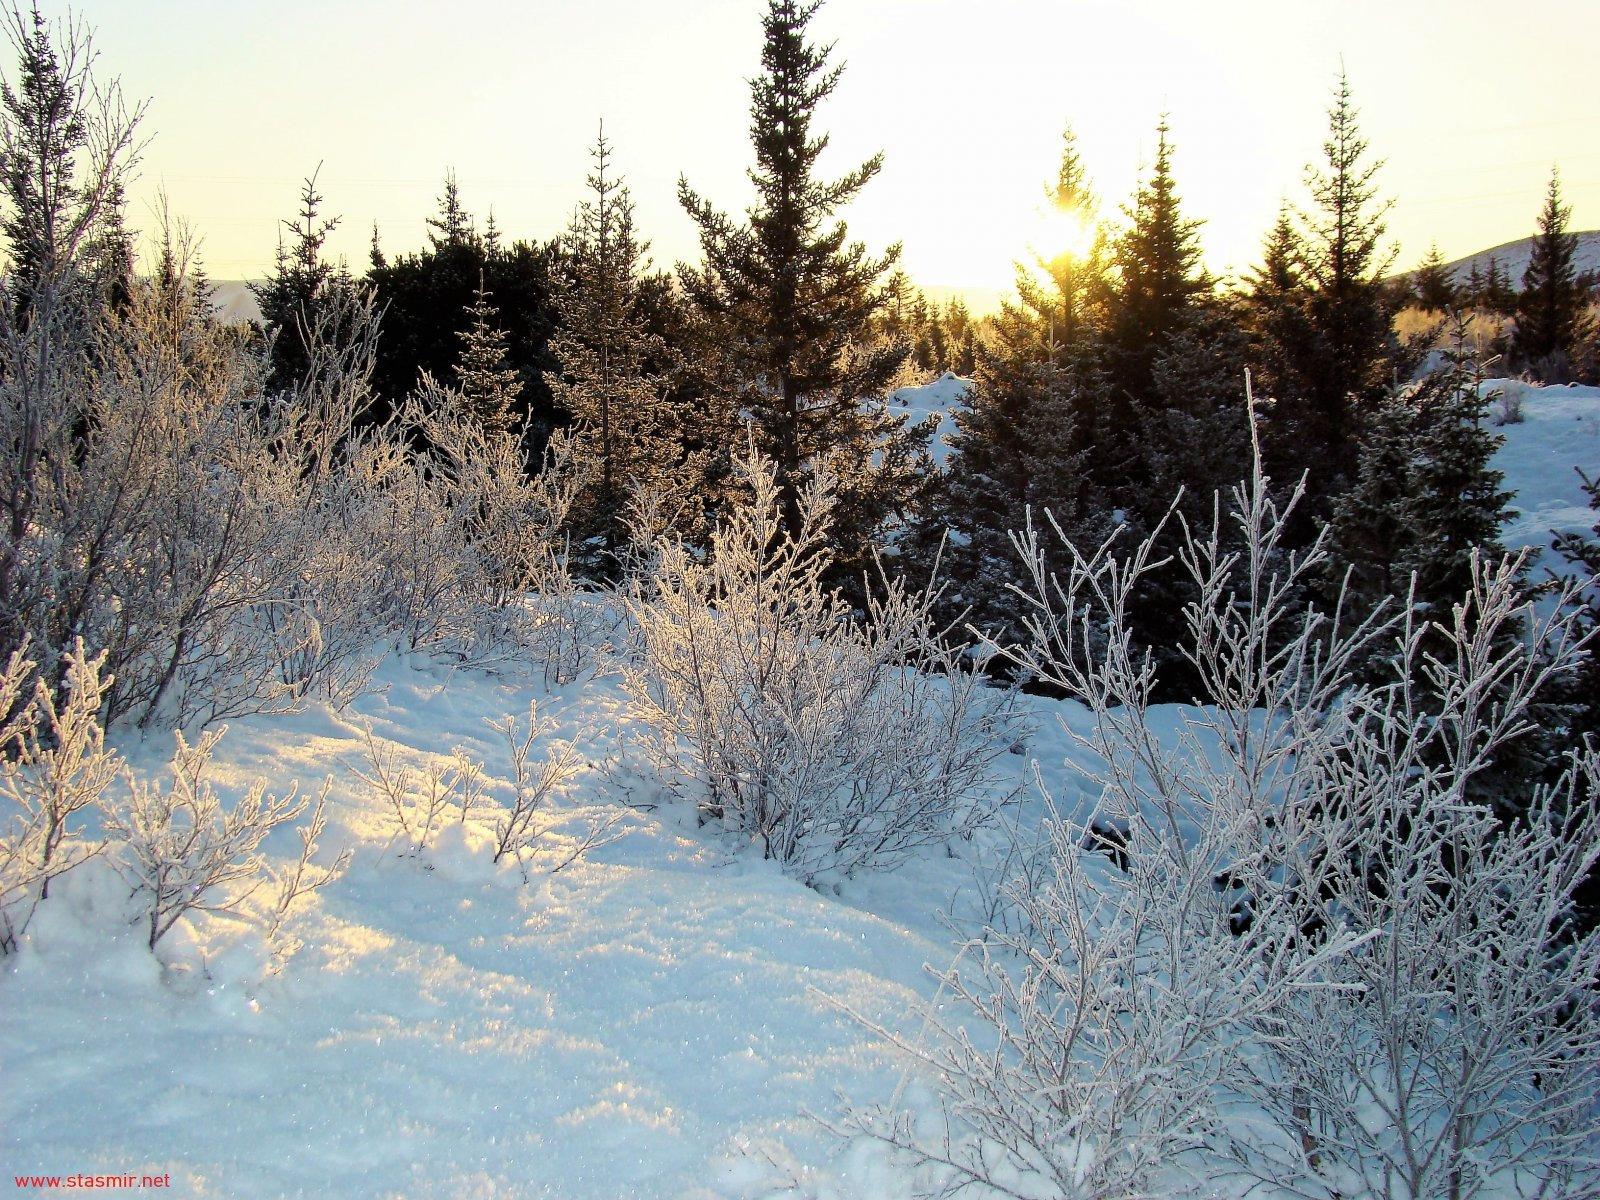 Зимняя Исландия,  фото Стасмир,  photo Stasmir, Heiðmörk